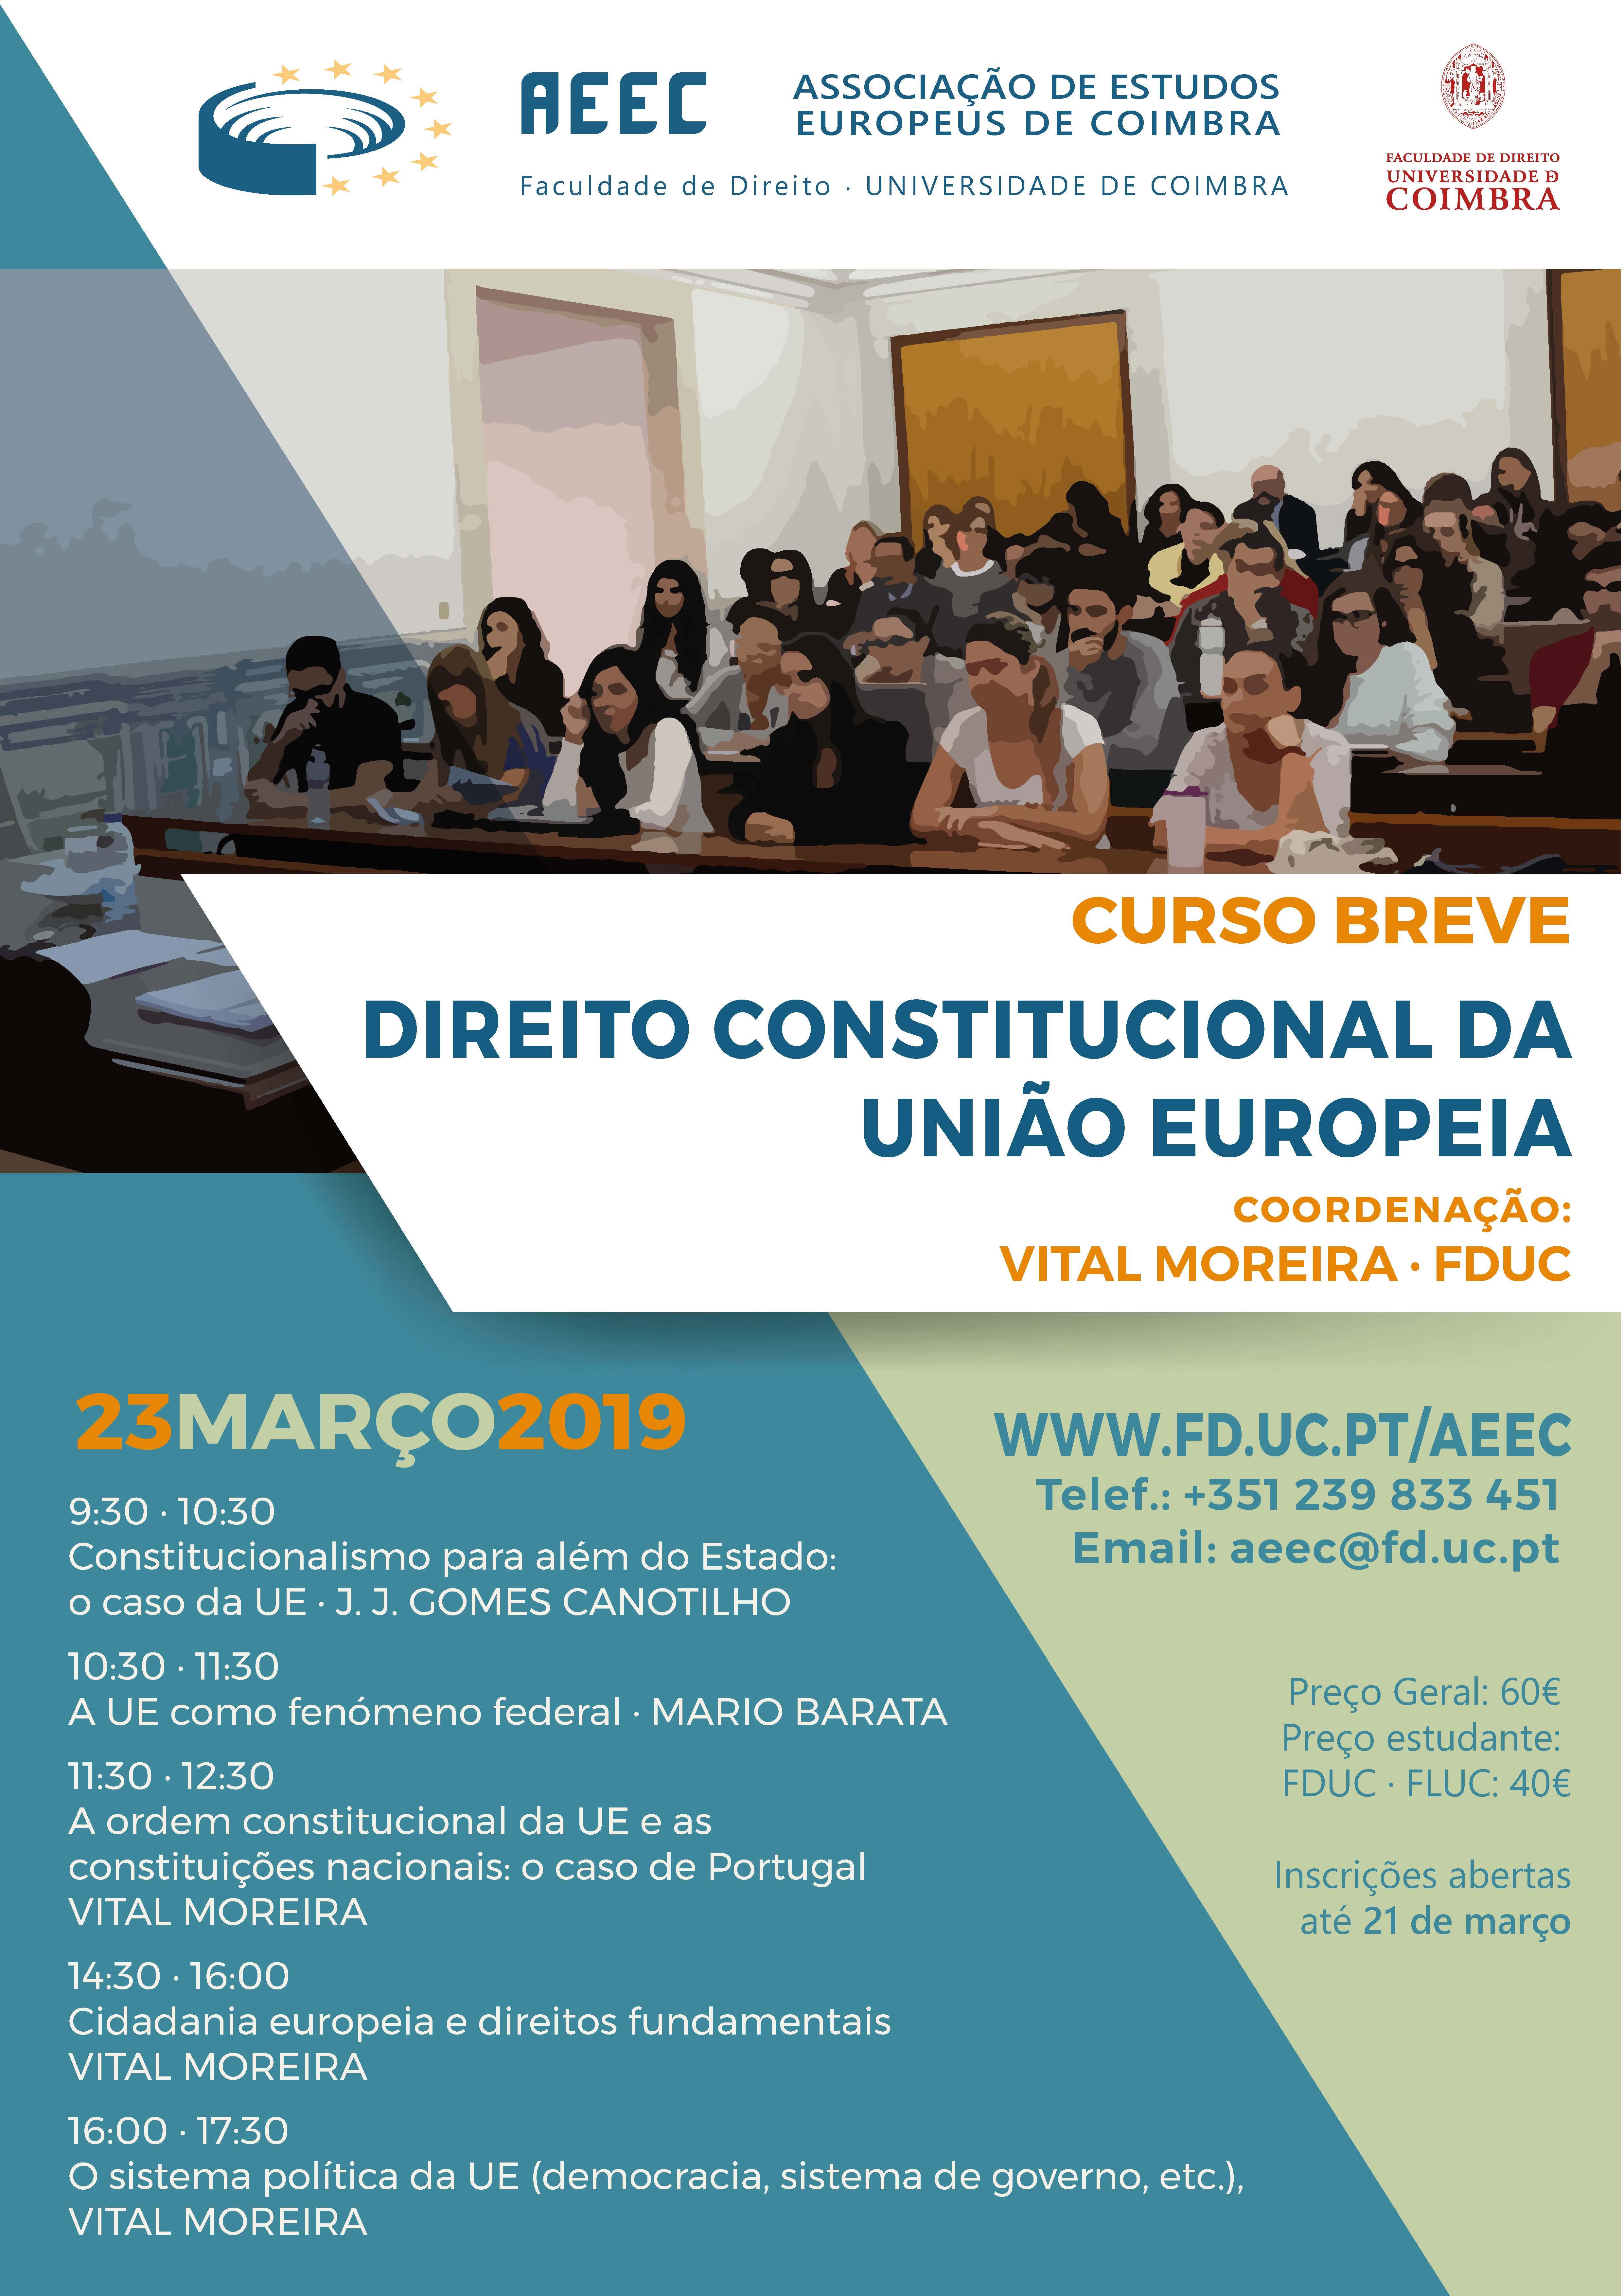 Curso Breve · Direito Constitucional da UE